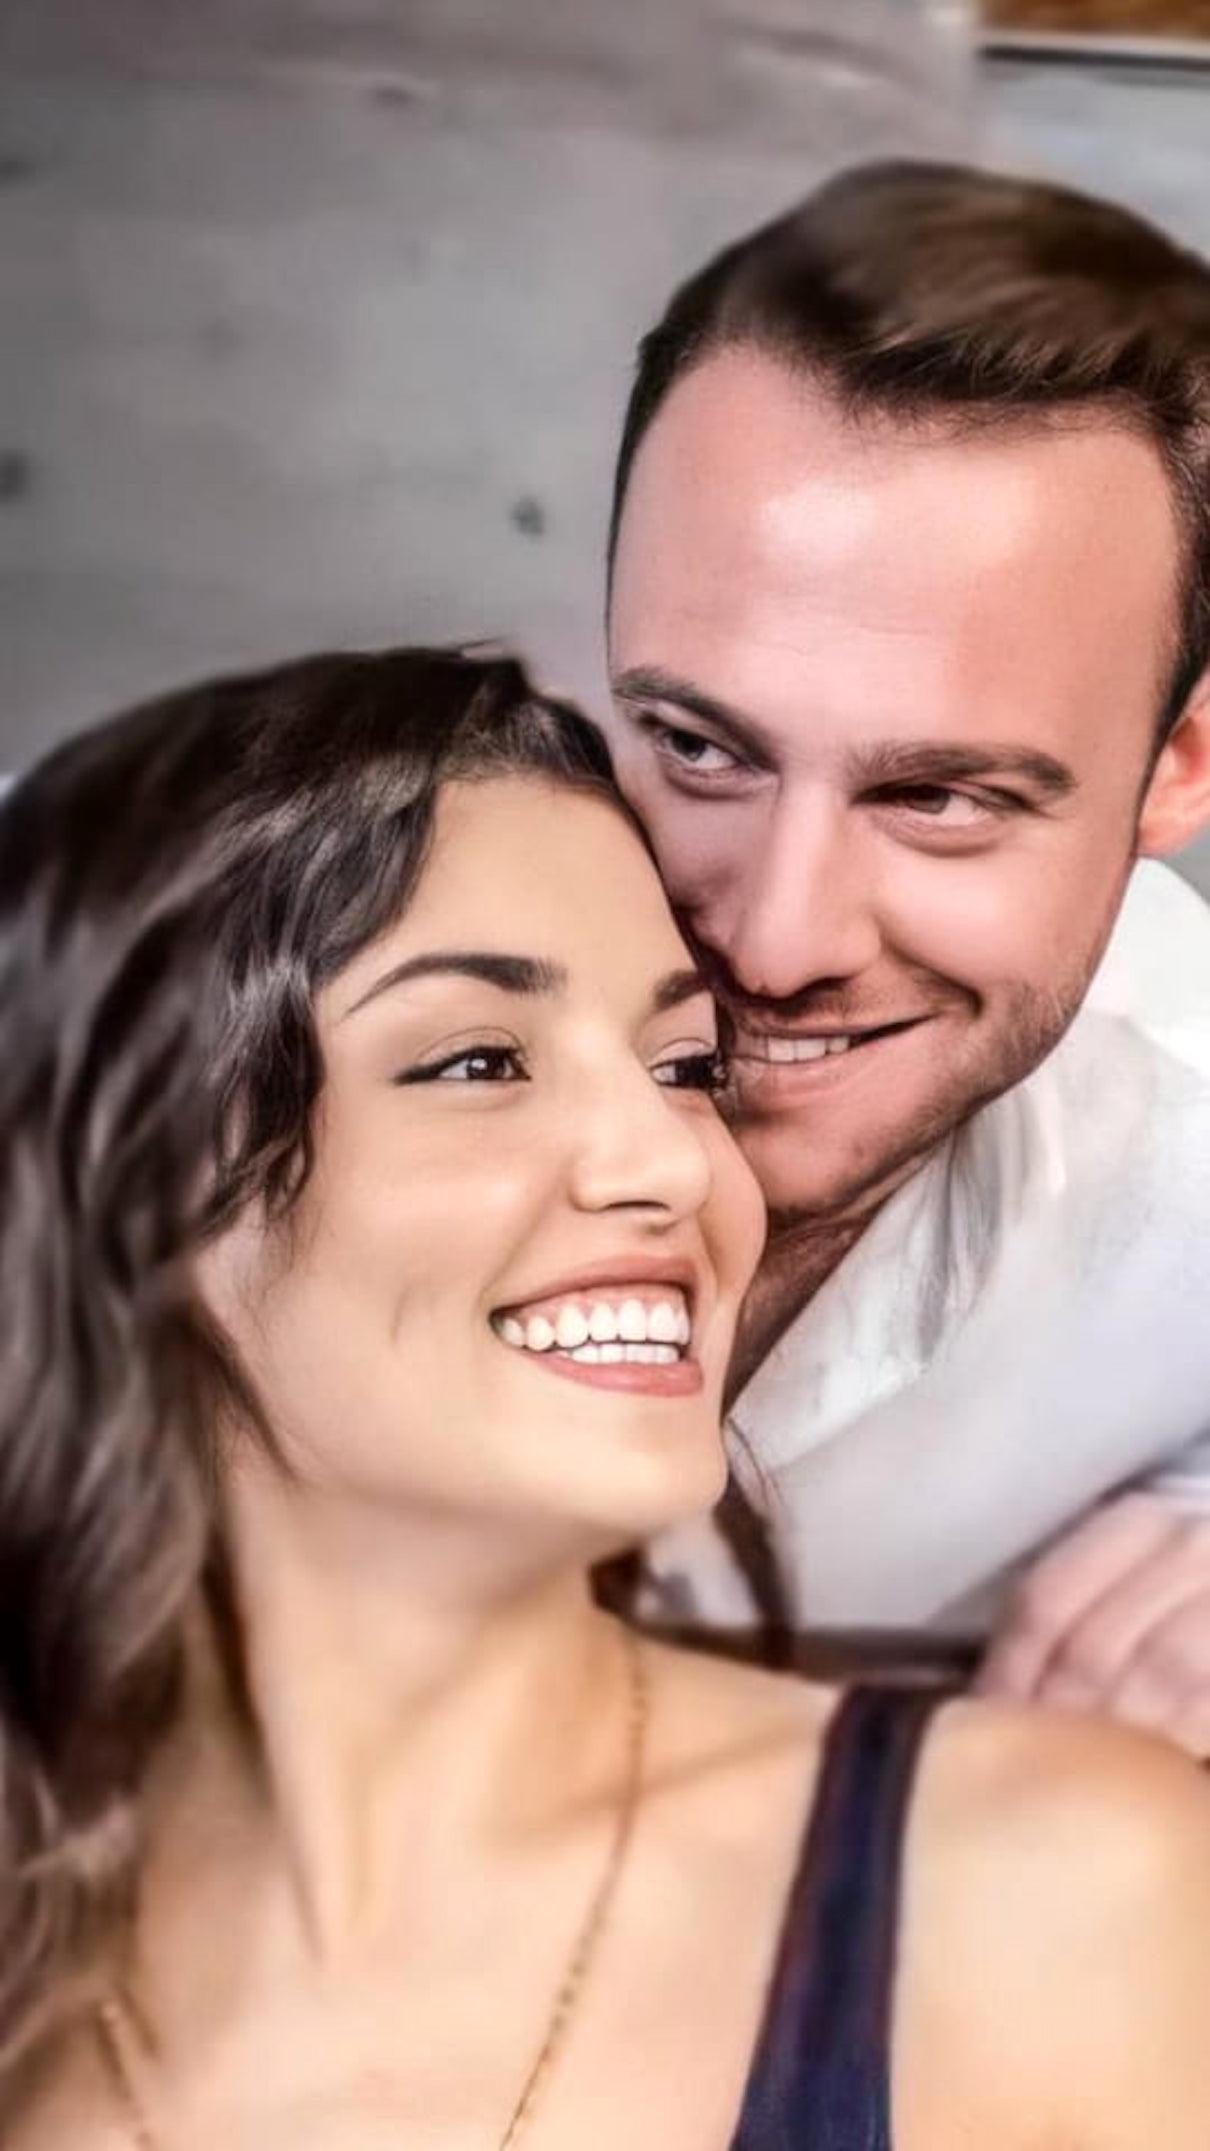 Eda e Serkan - Love is in the air